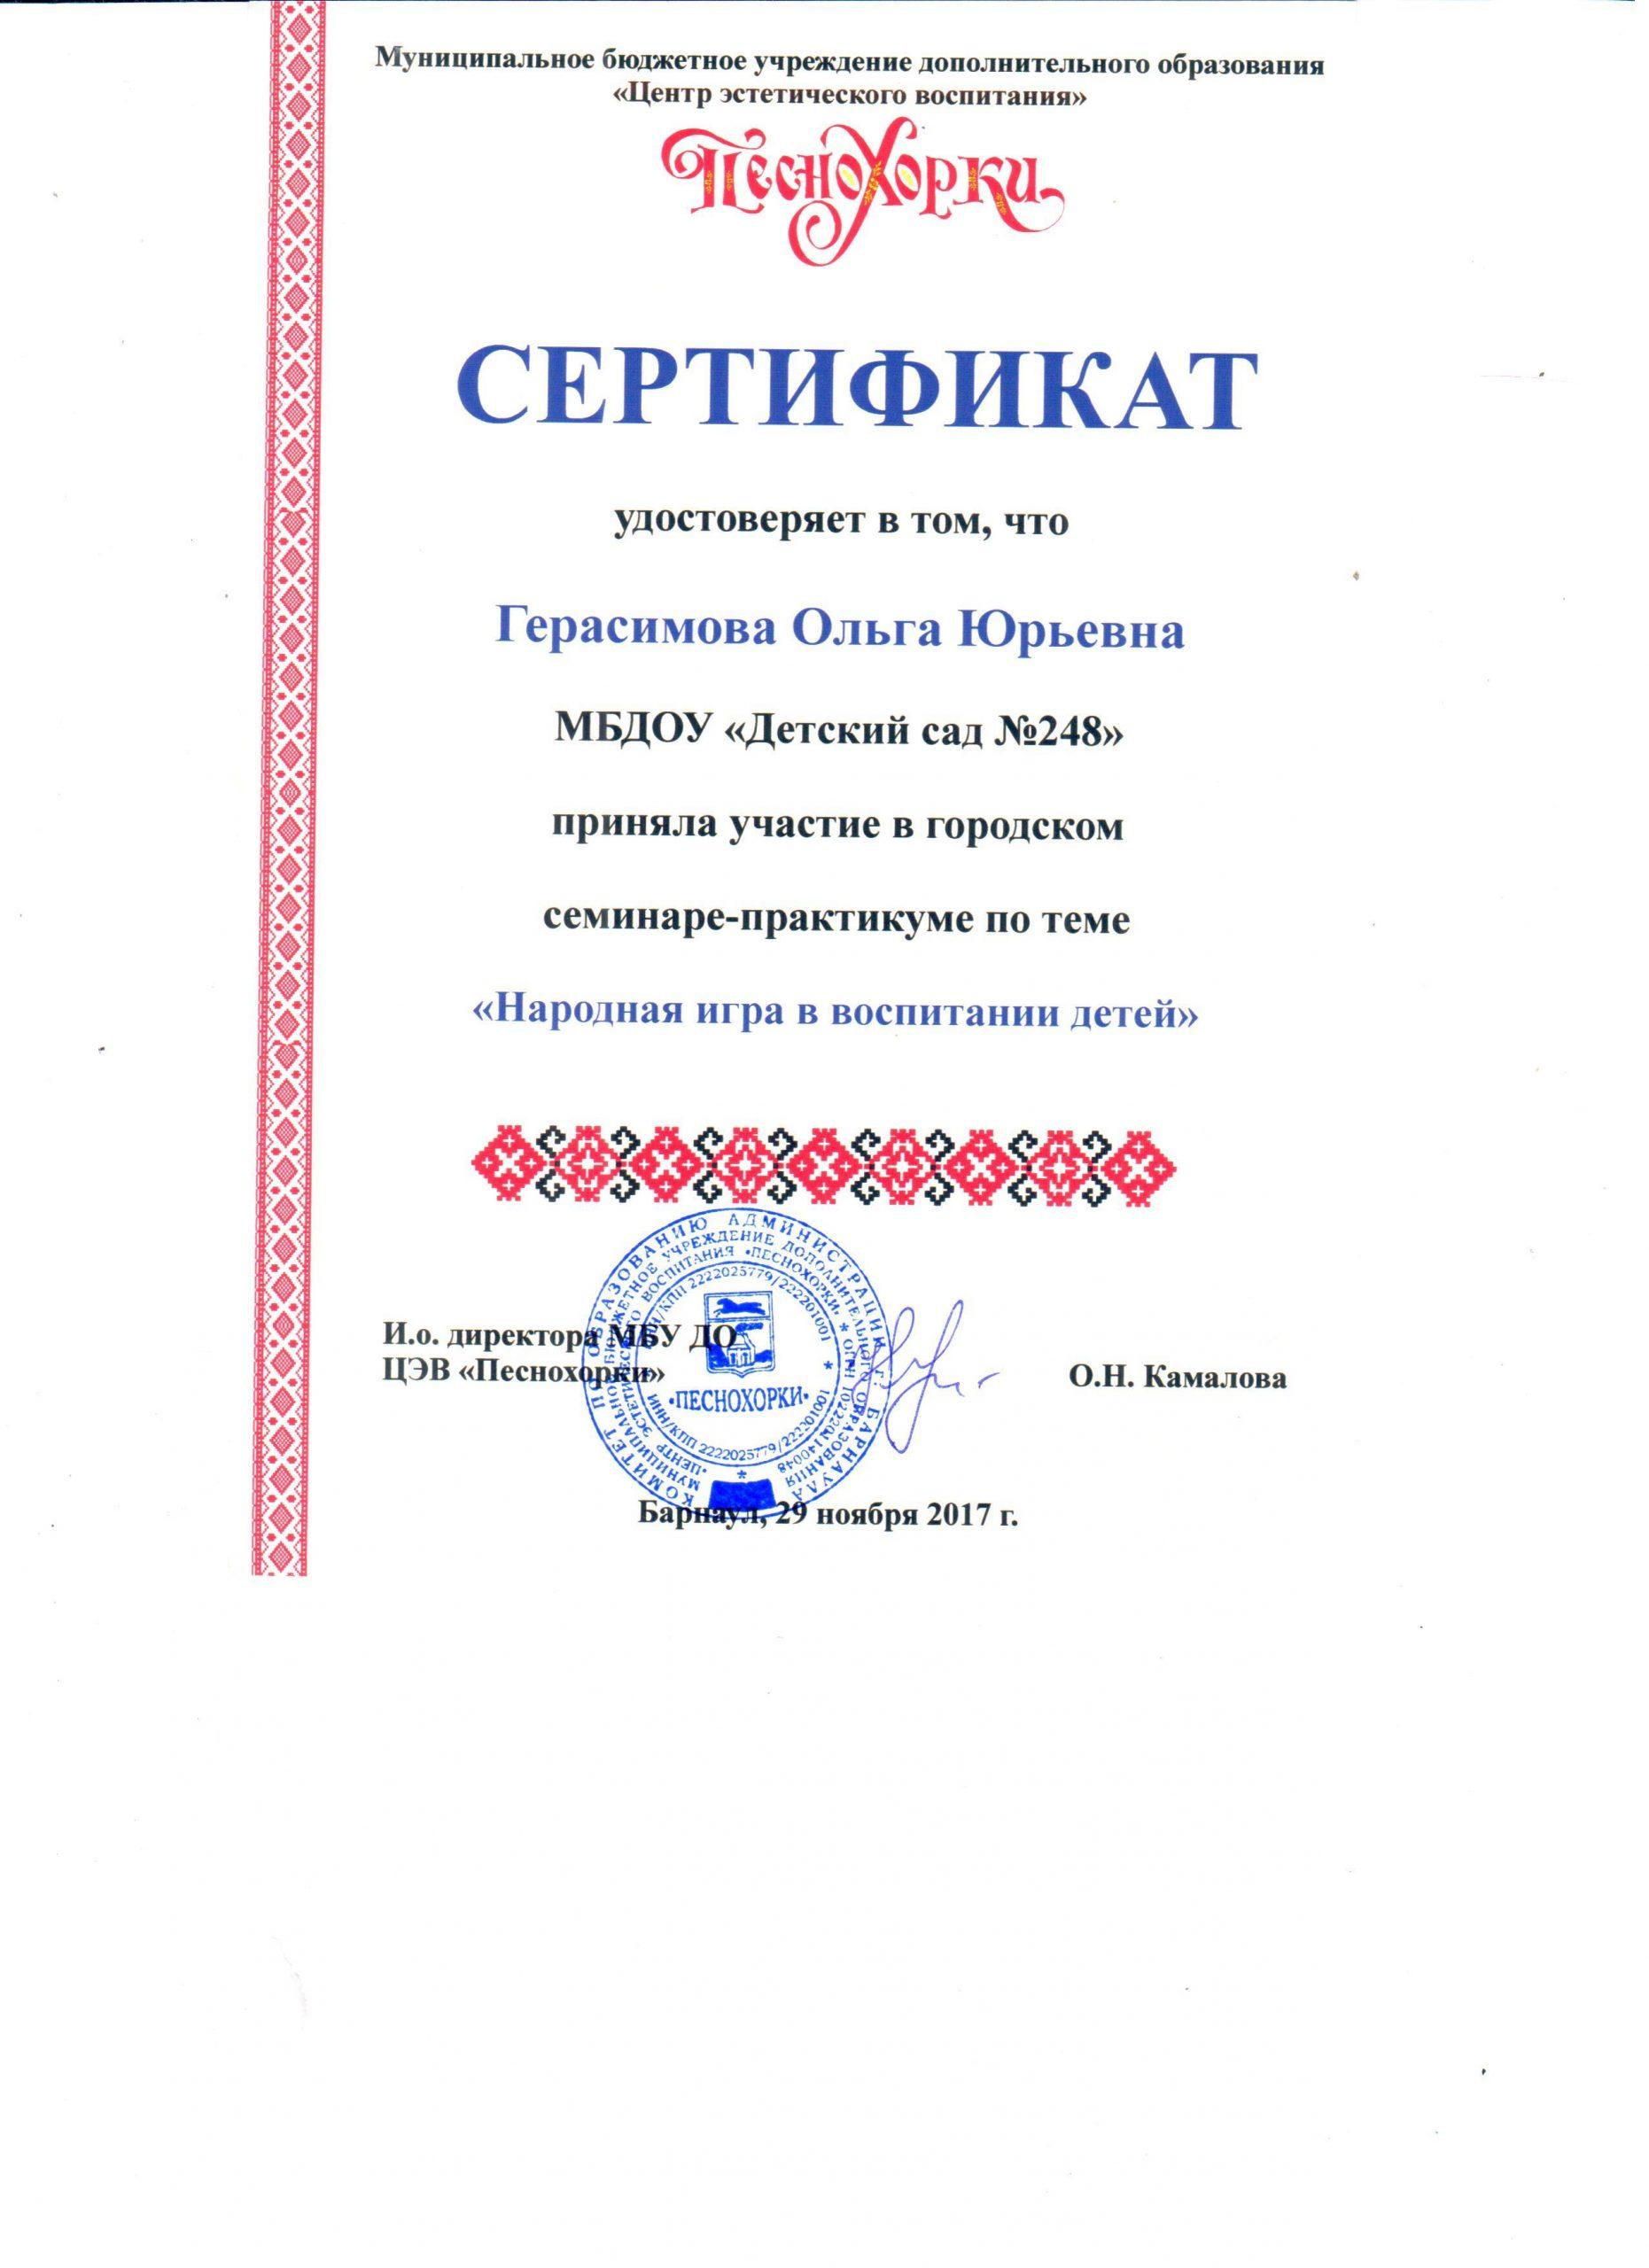 СЕРТИФИКАТ ПЕСНОХОРКИ 2017